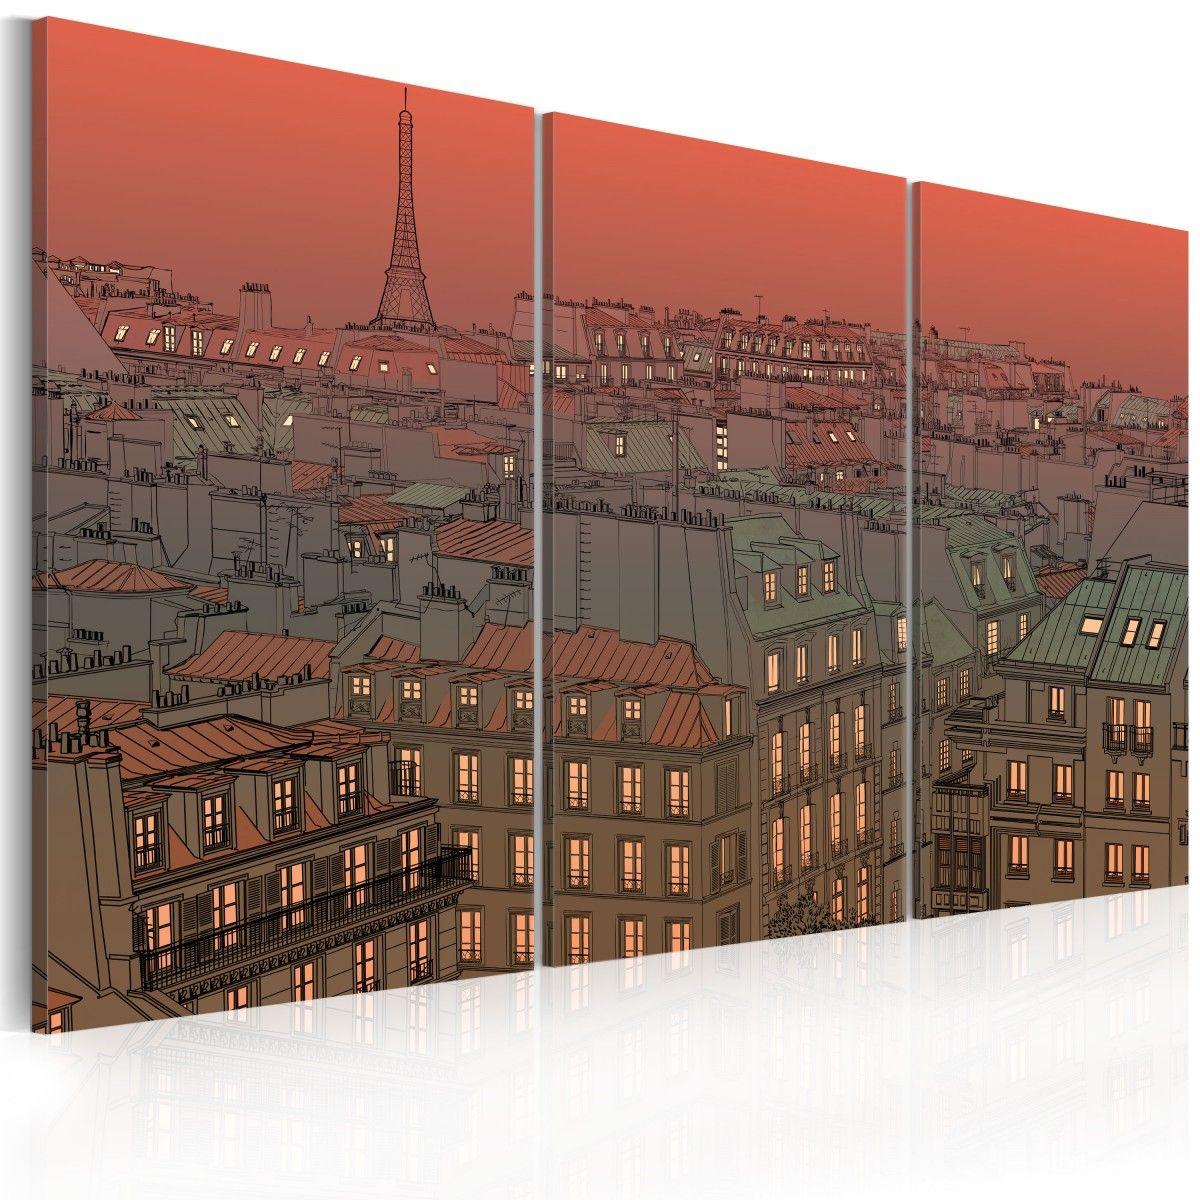 Obraz   Paryska Wie a Eiffla na tle zachodz cego s o ca